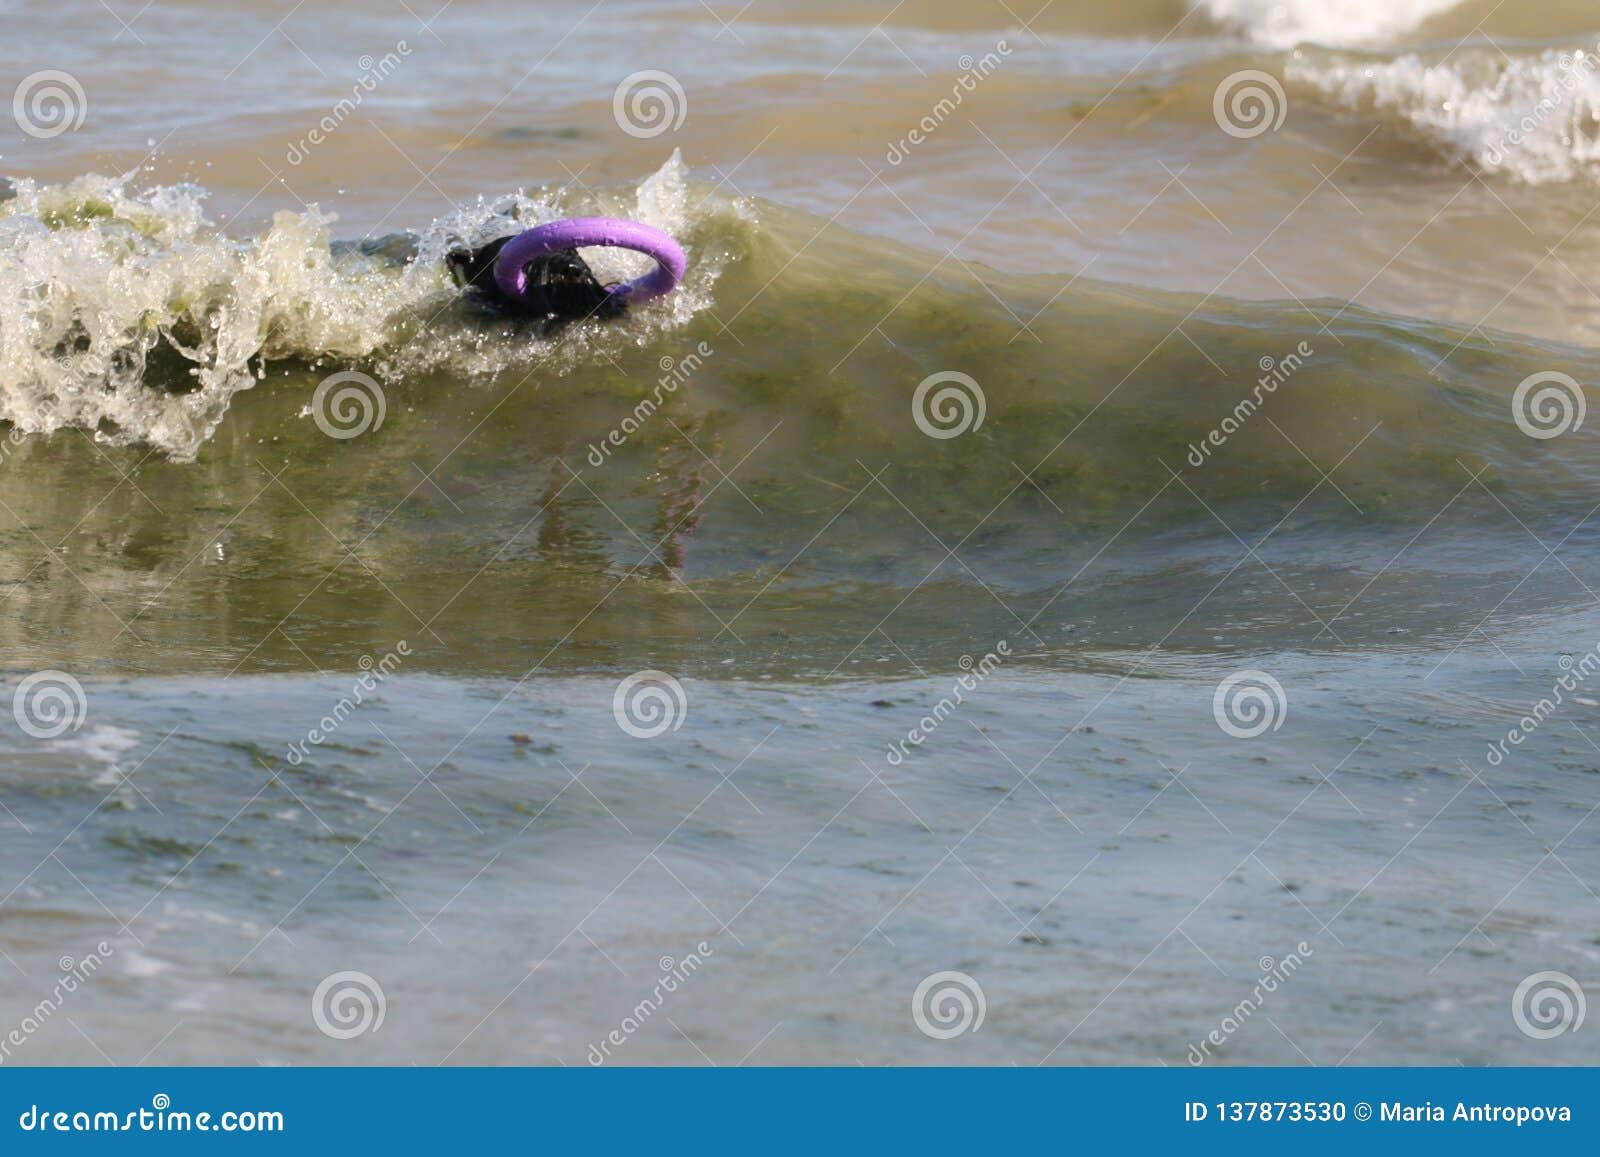 Σκυλί στο κύμα στη θάλασσα με τον εξολκέα